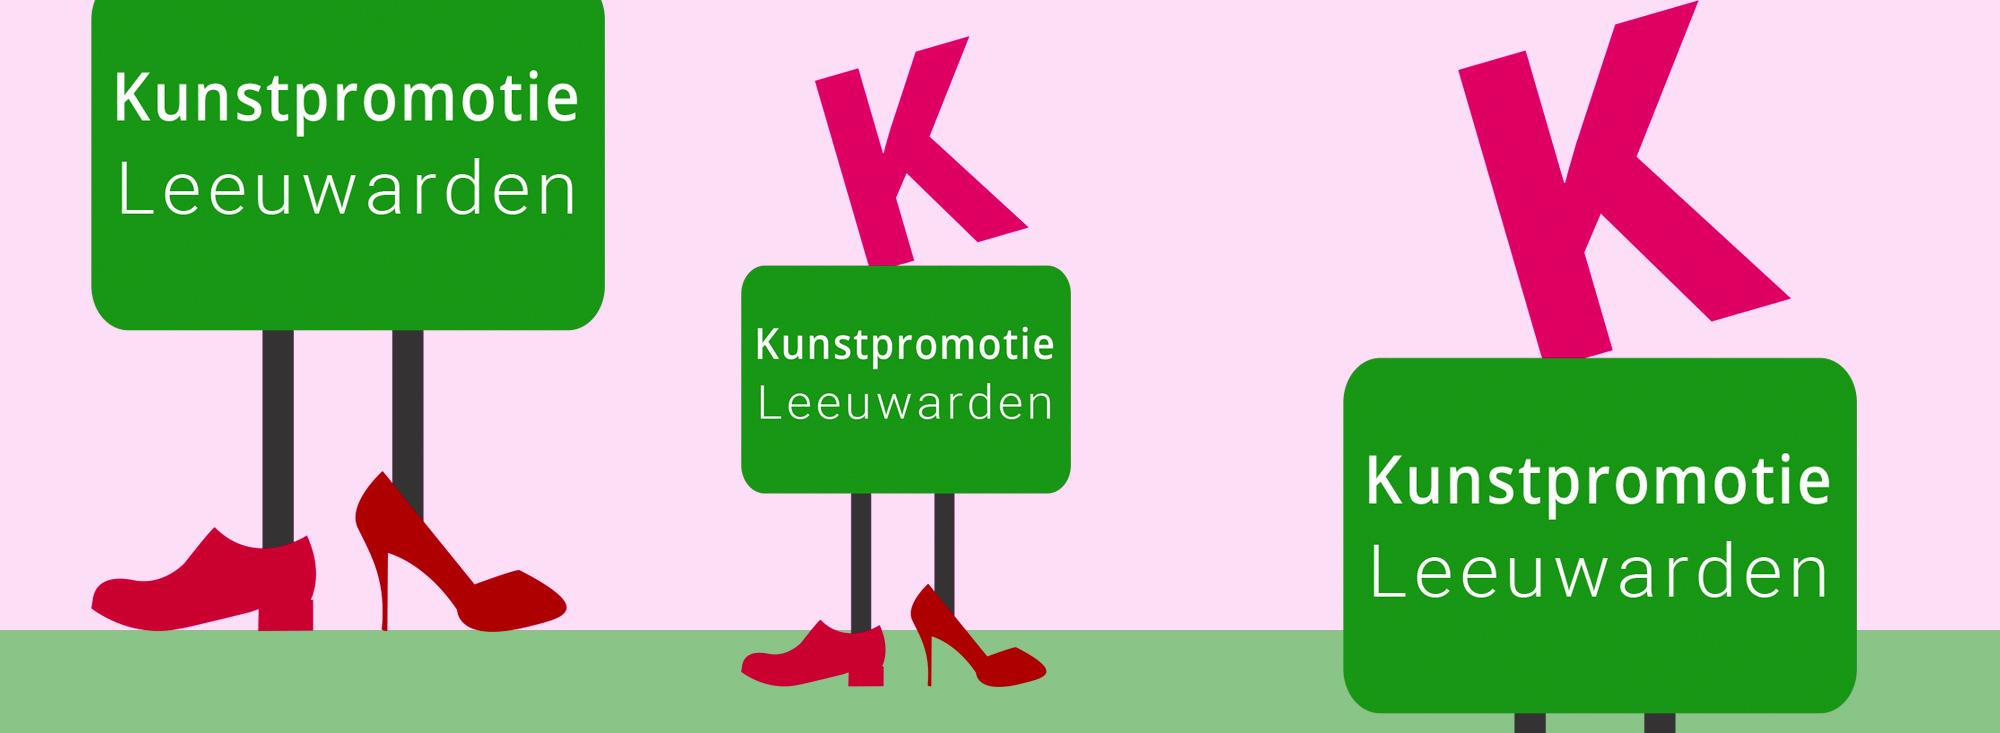 Kunstpromotie Leeuwarden